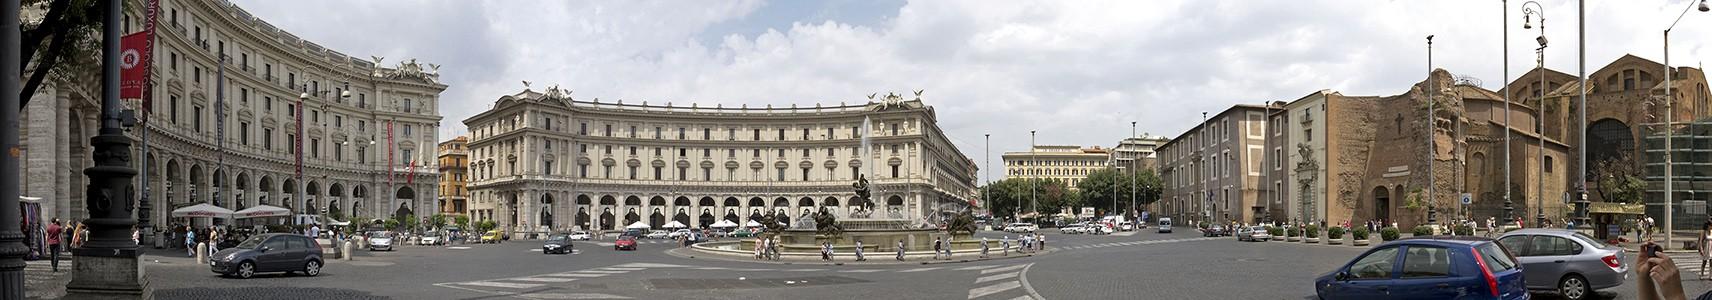 Piazza della Repubblica mit dem Najaden-Brunnen (Fontana delle Naiadi), Santa Maria degli Angeli e dei Martiri Rom